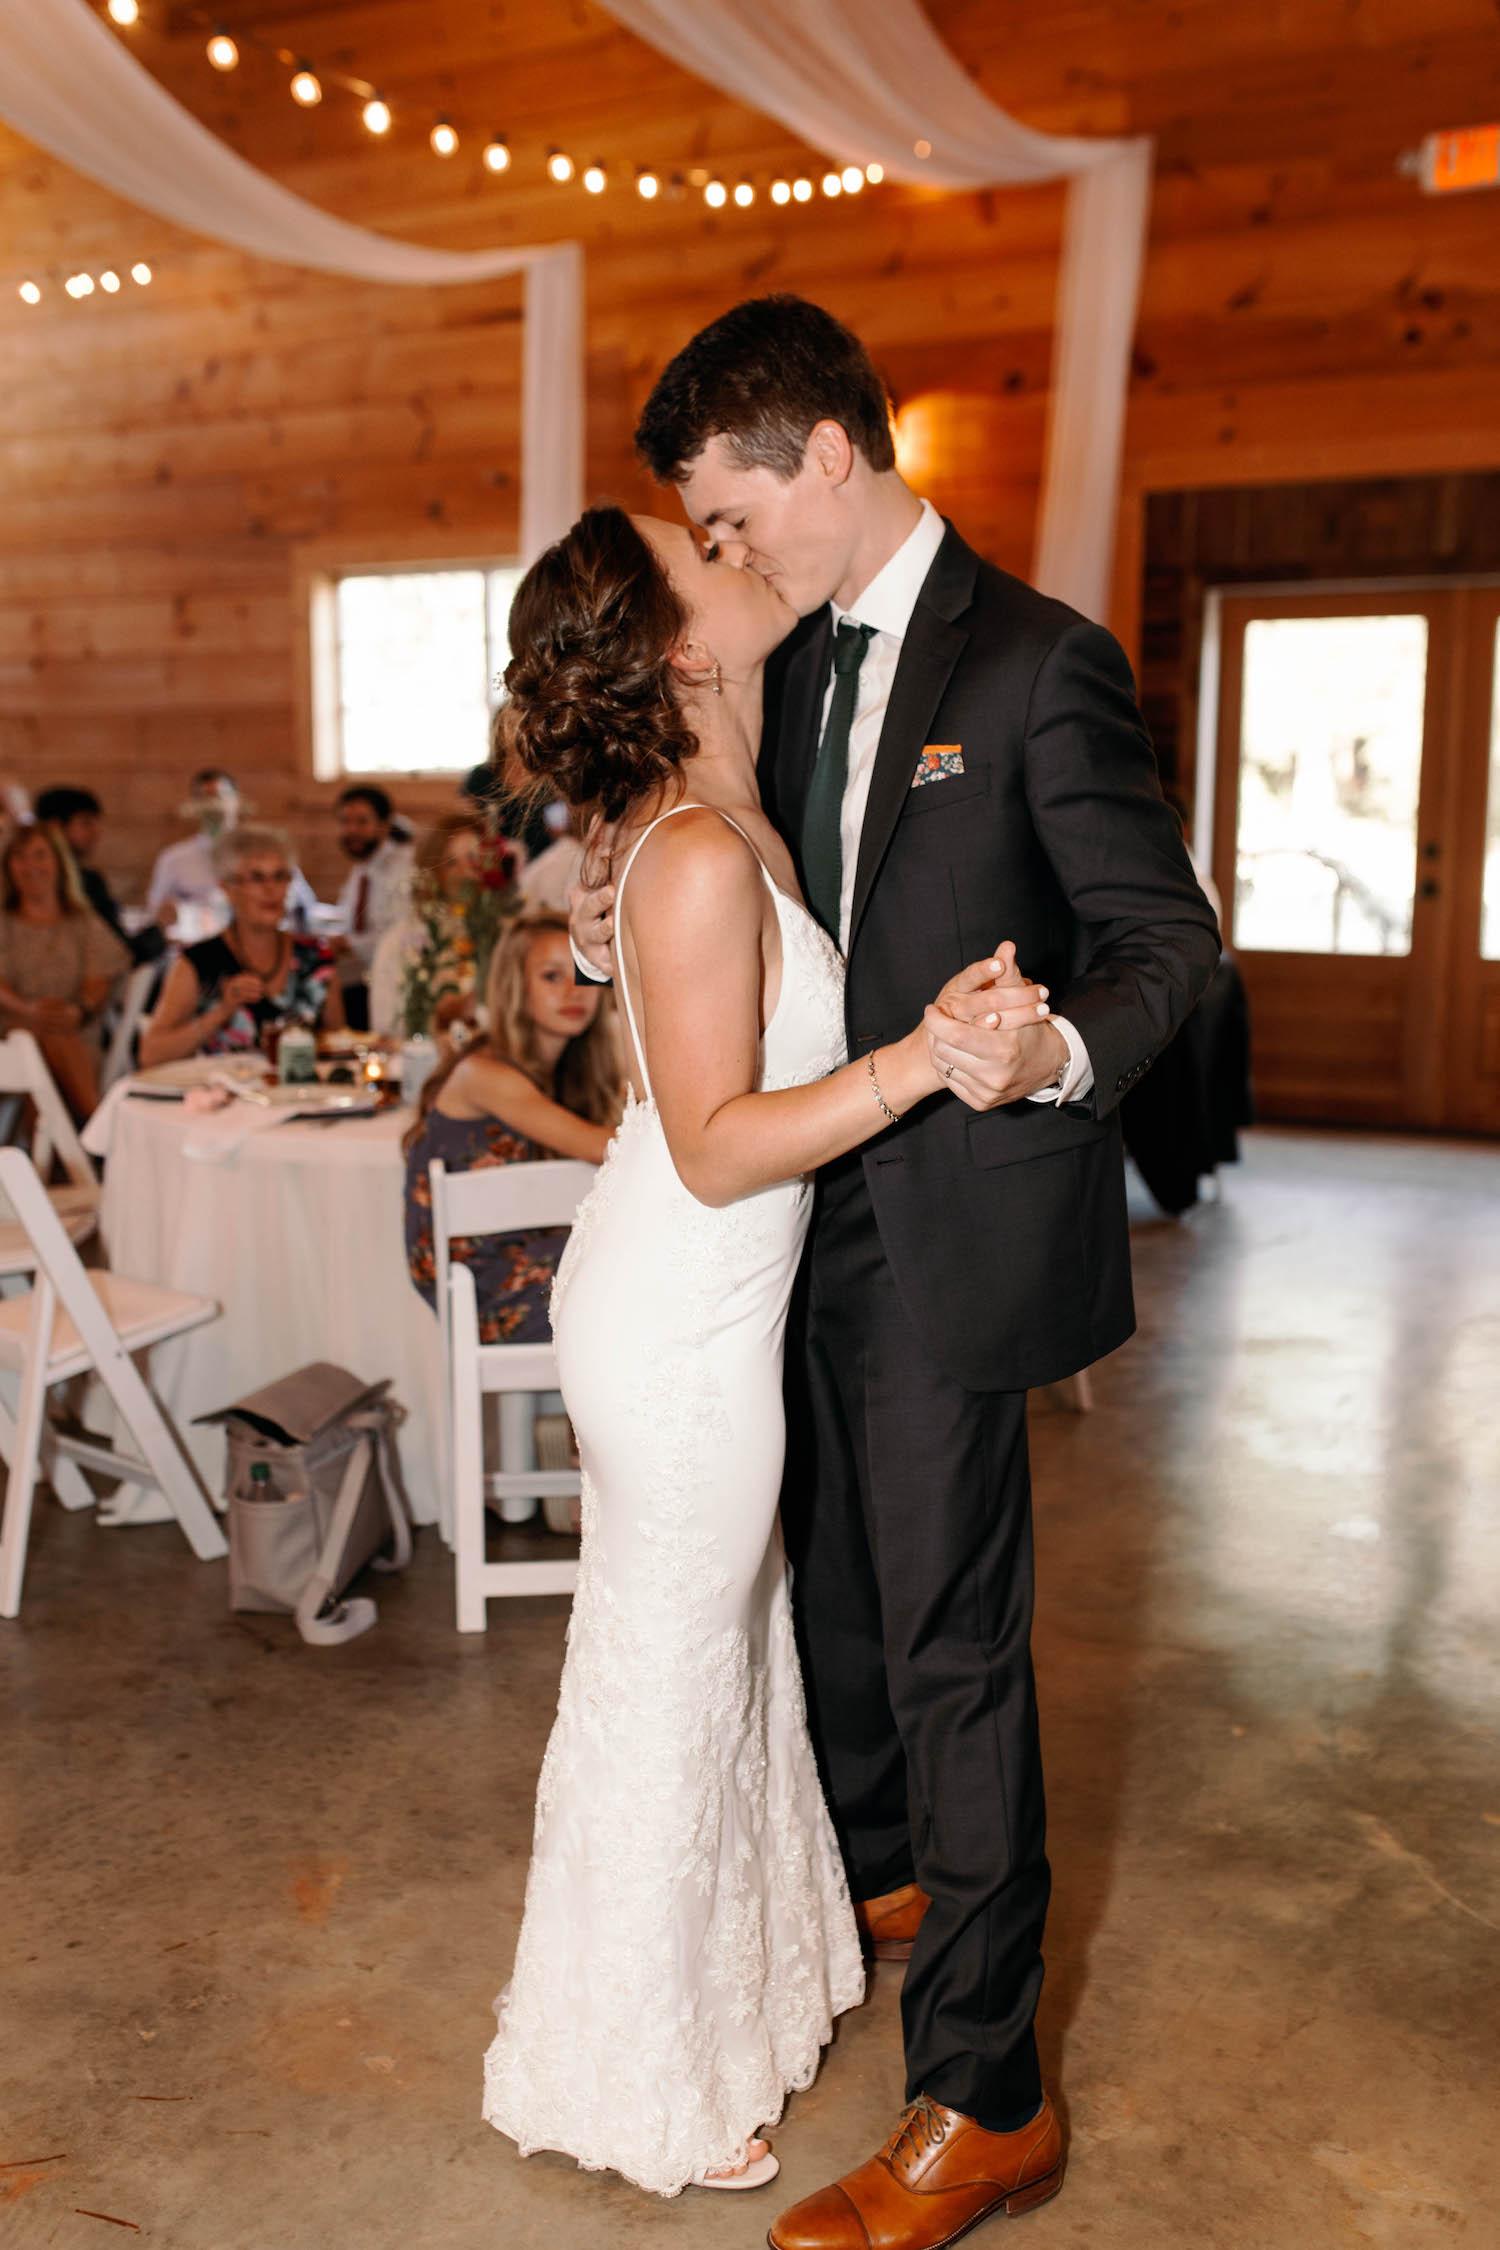 Carly-Adam-Three-Oaks-Farm-Wedding-Reception-Dance334.jpg